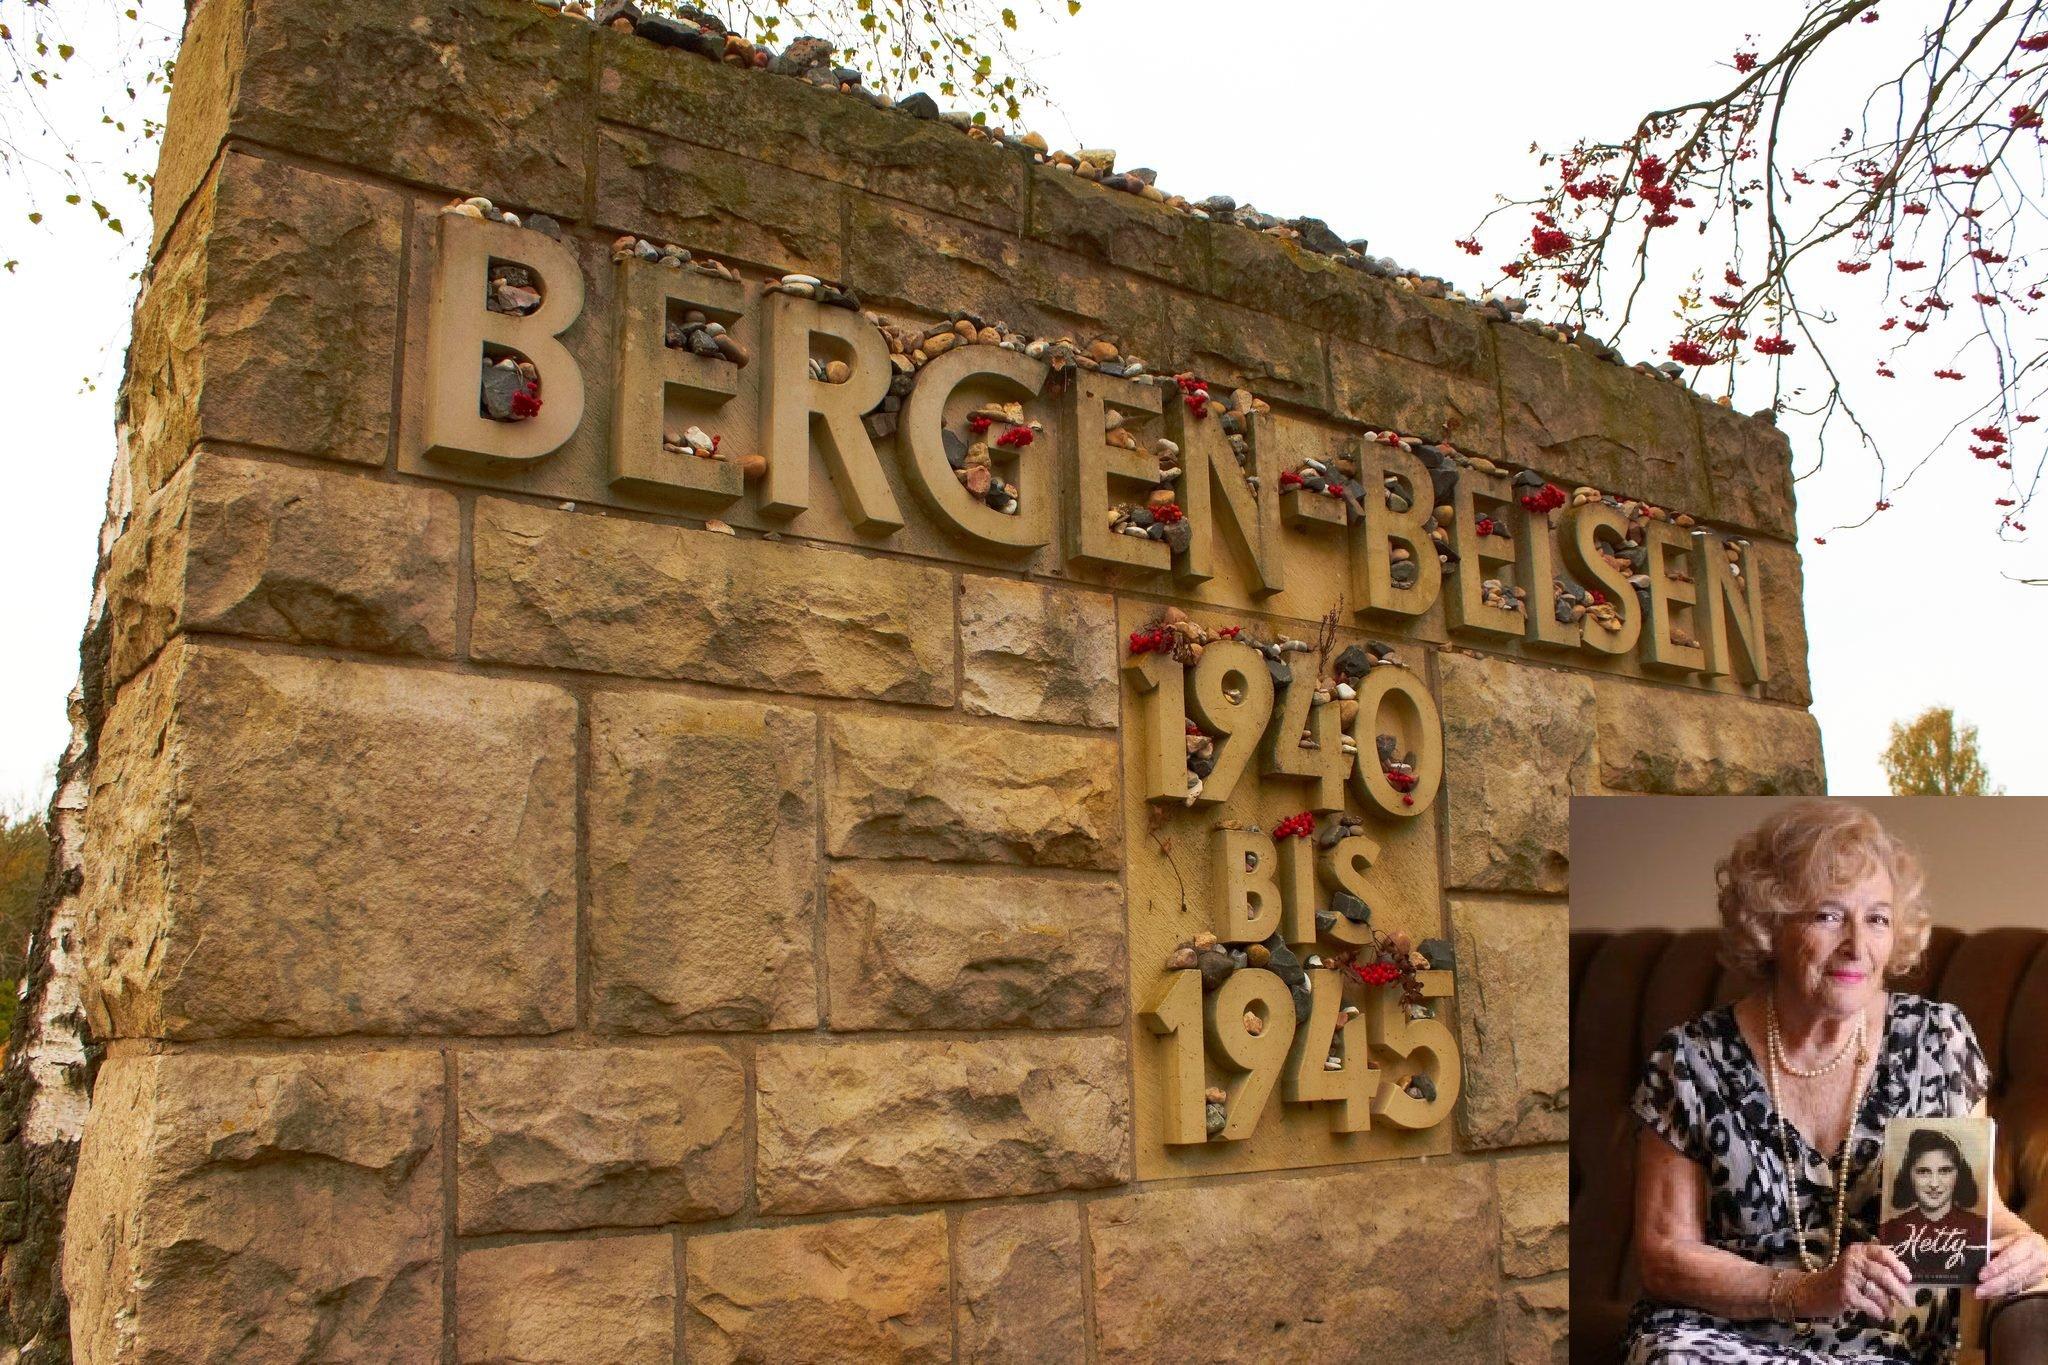 Bergen Belsen Hetty